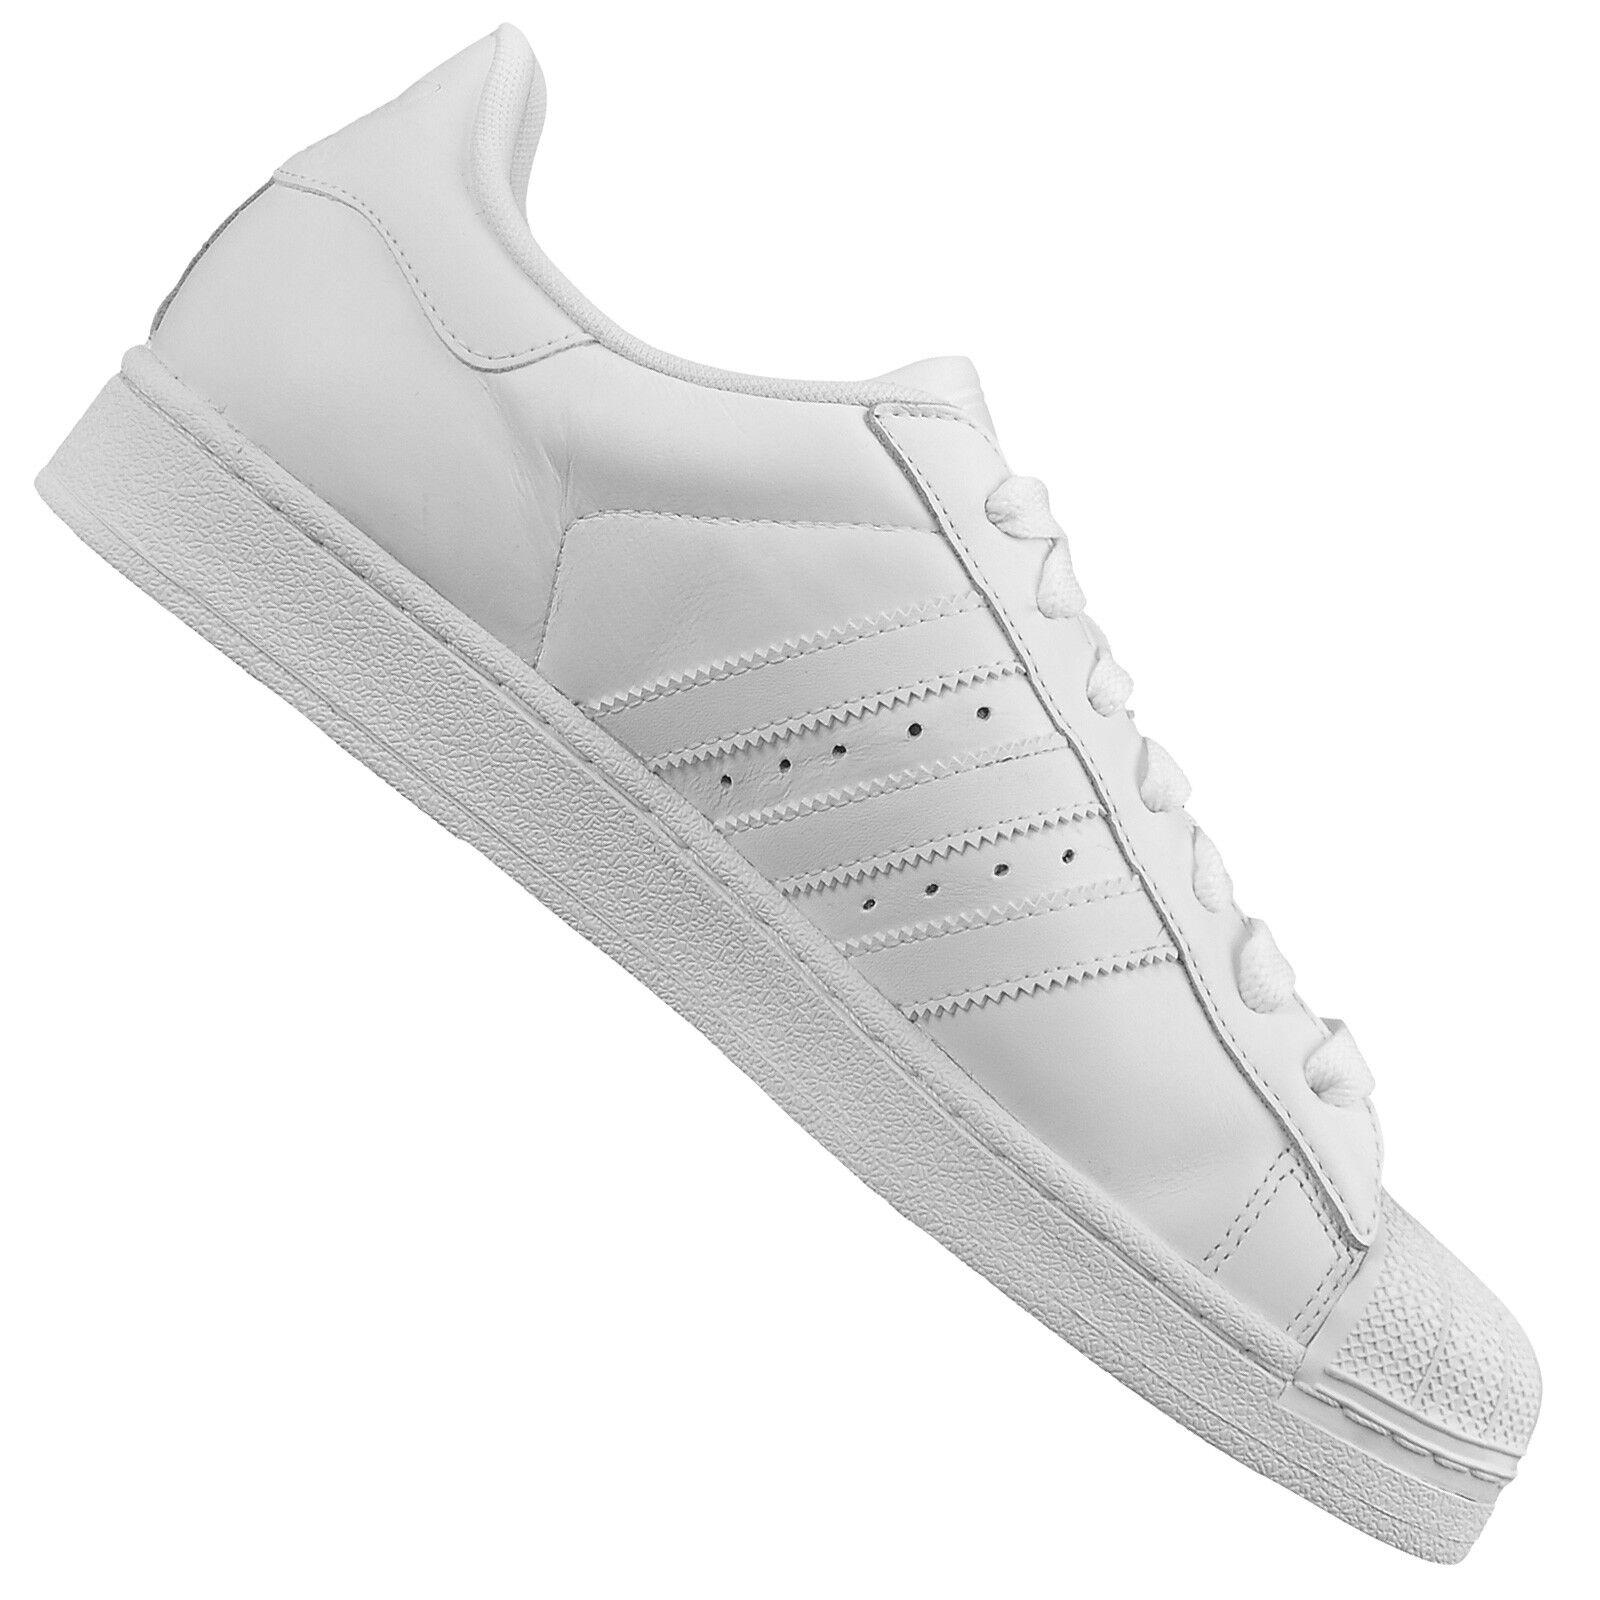 Adidas Originals Superstar II G17071 Scarpe di Cuoio Tutto Bianco Pulire 47 1/3 Scarpe classiche da uomo